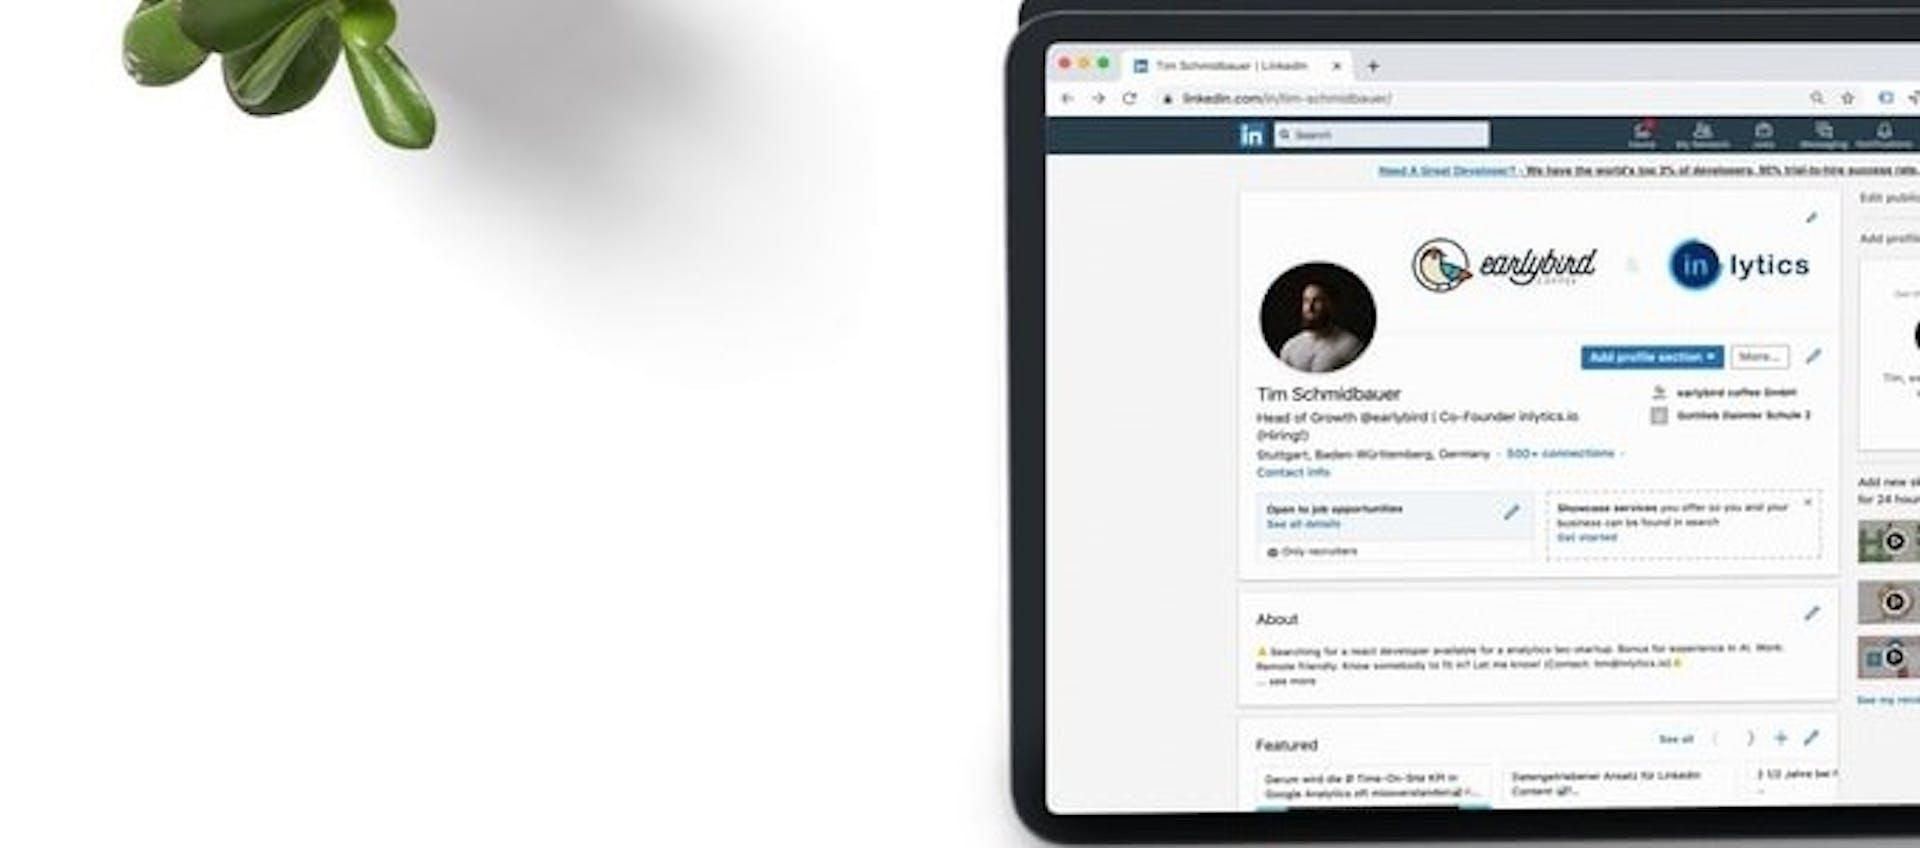 Mejora tu SSI de LinkedIn y deja de ser un fantasma en esta red profesional